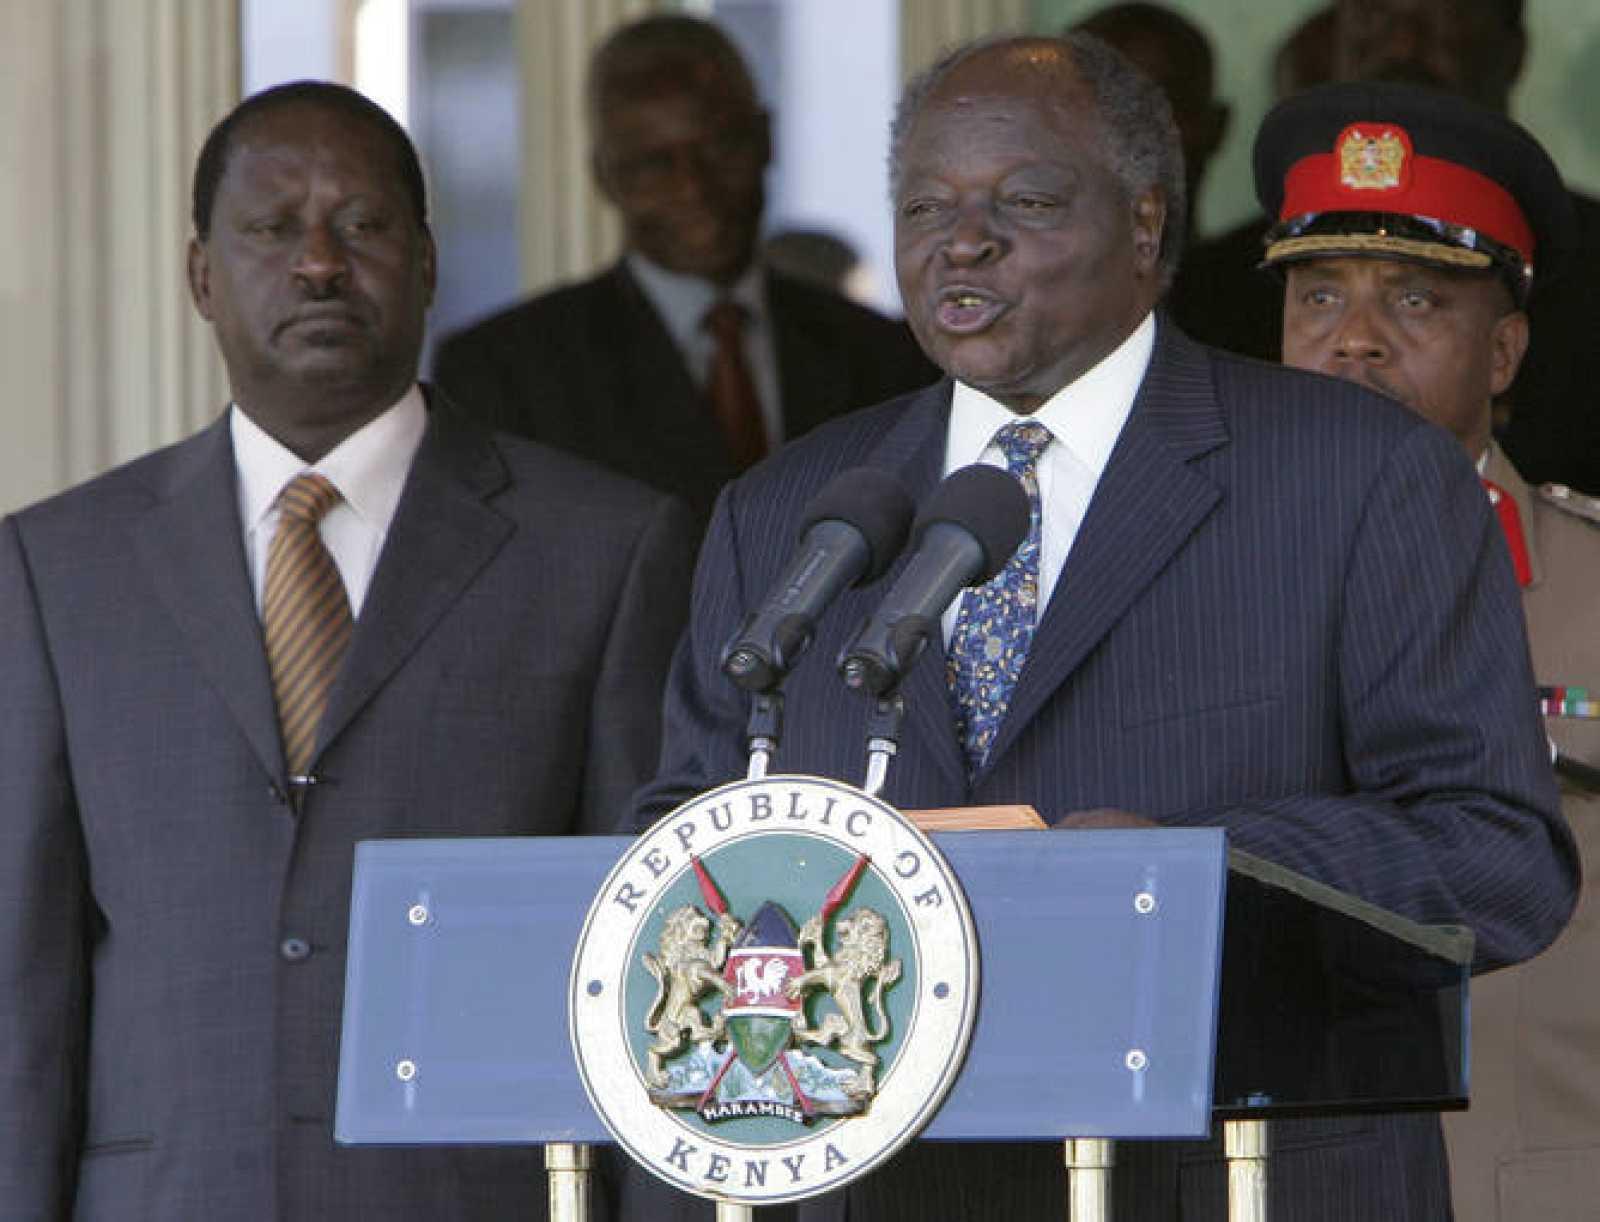 Odinga asume el cargo de primer ministro en el primer gobierno de coalición de Kenia